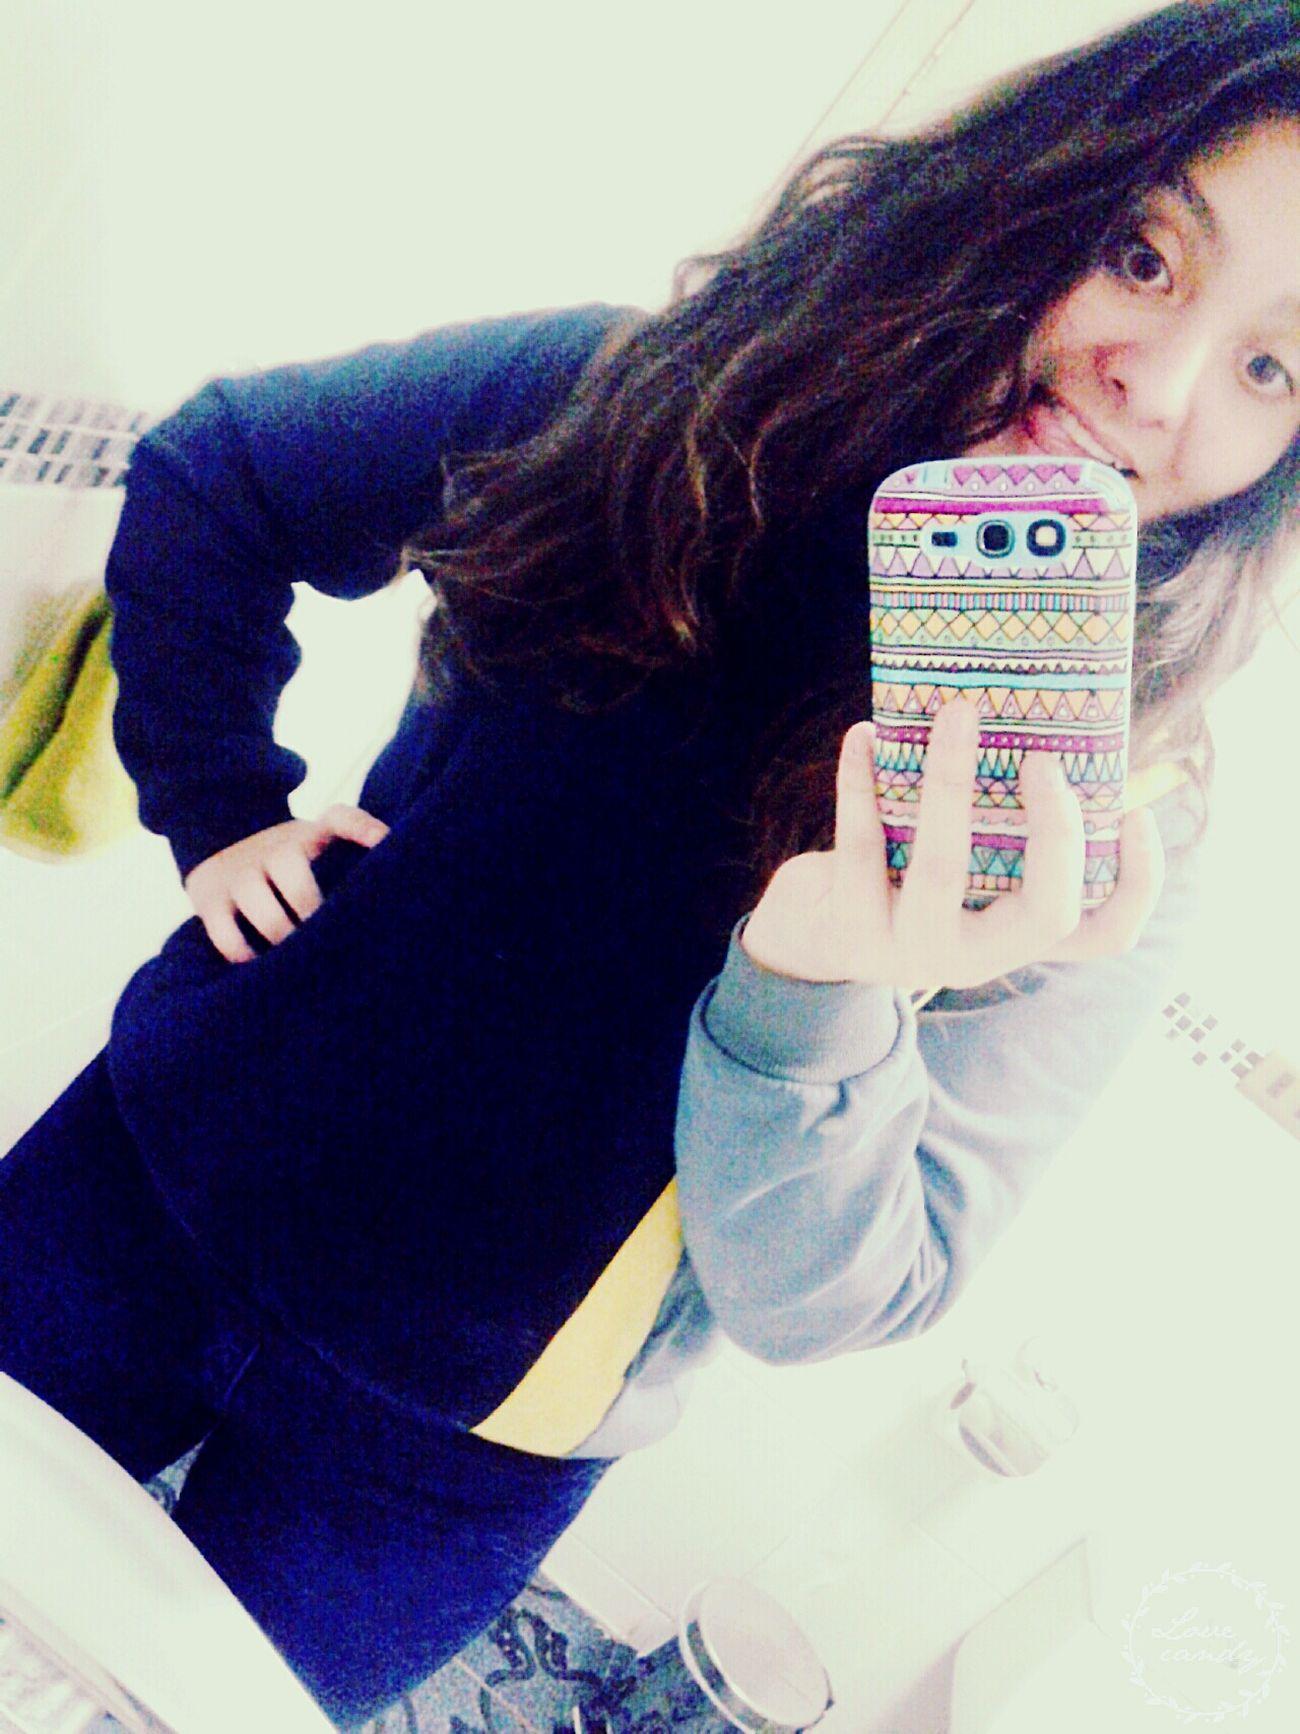 MatenmePlz JuntosNosMatamos , Separados NosMorimos ♥:c